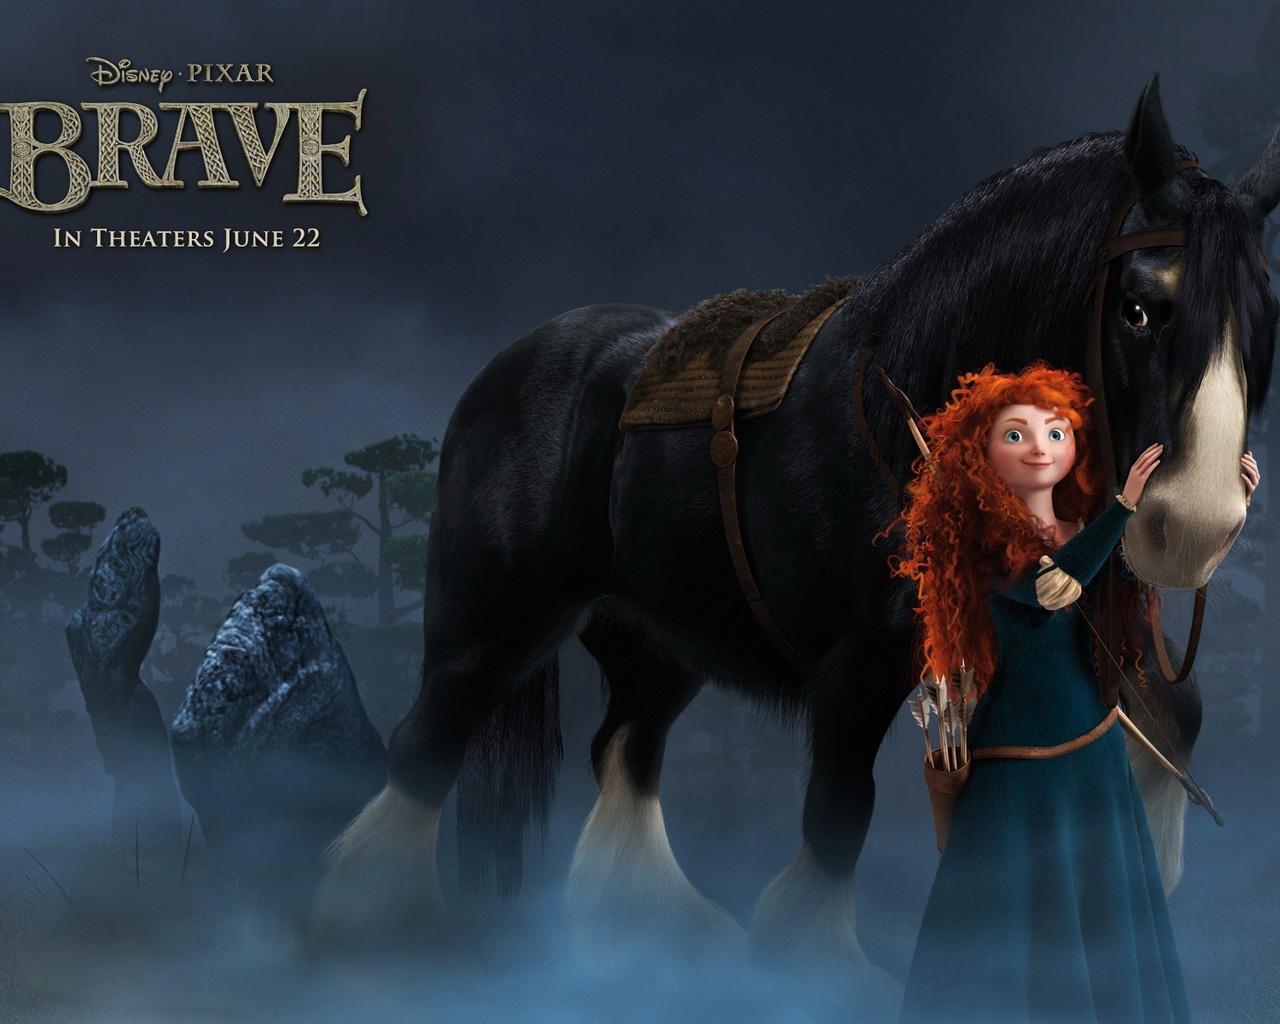 brave wallpaper 1280x1024 - photo #8